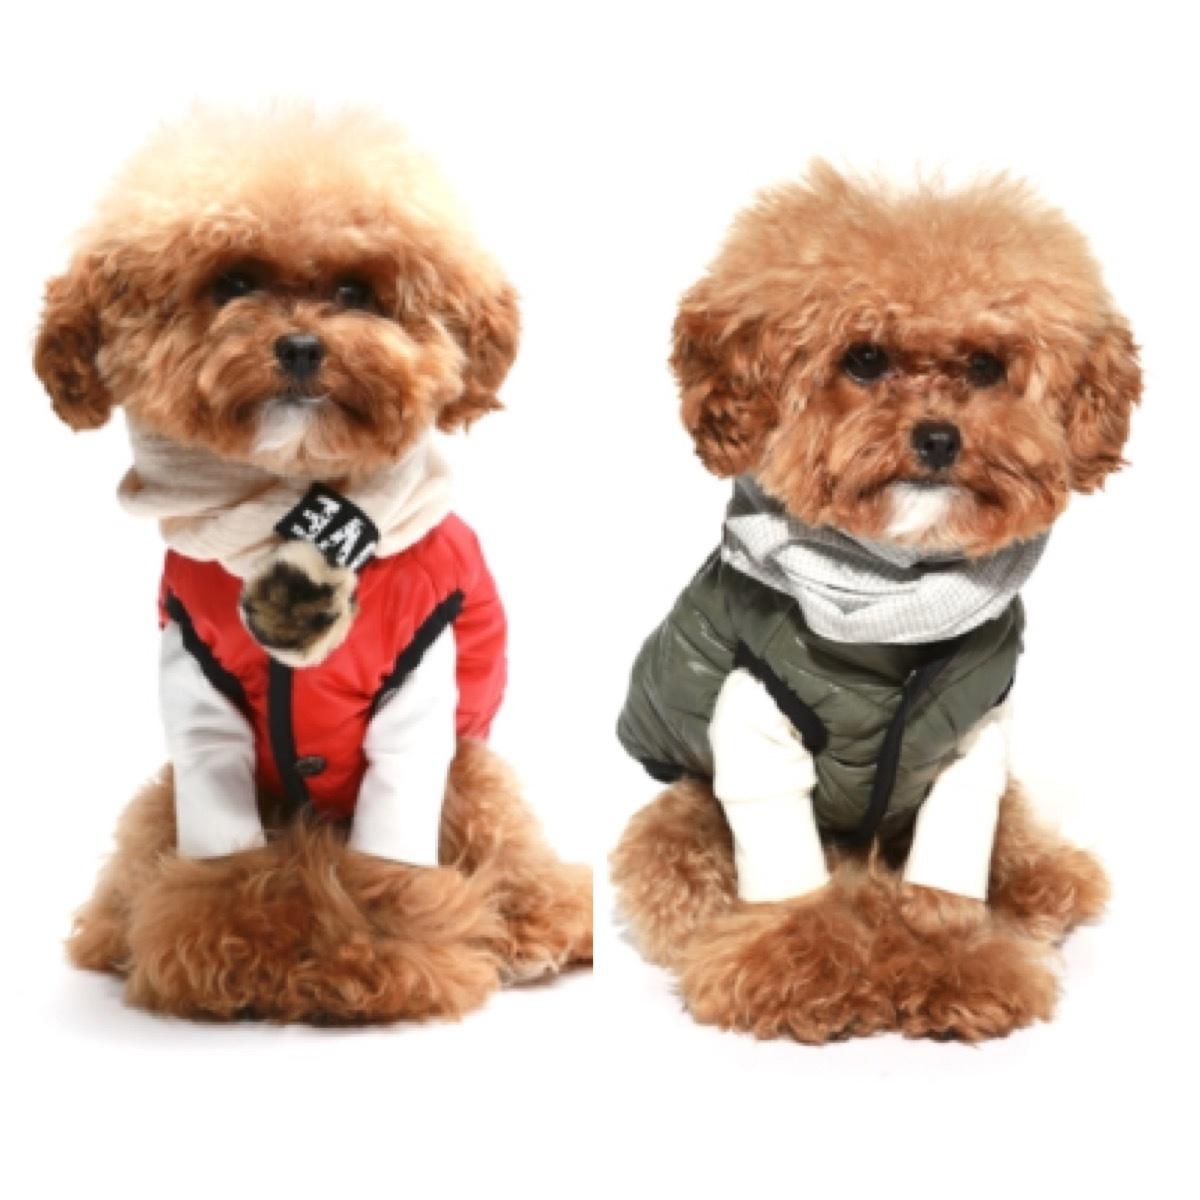 купить одежду для собак puppyangel в москве